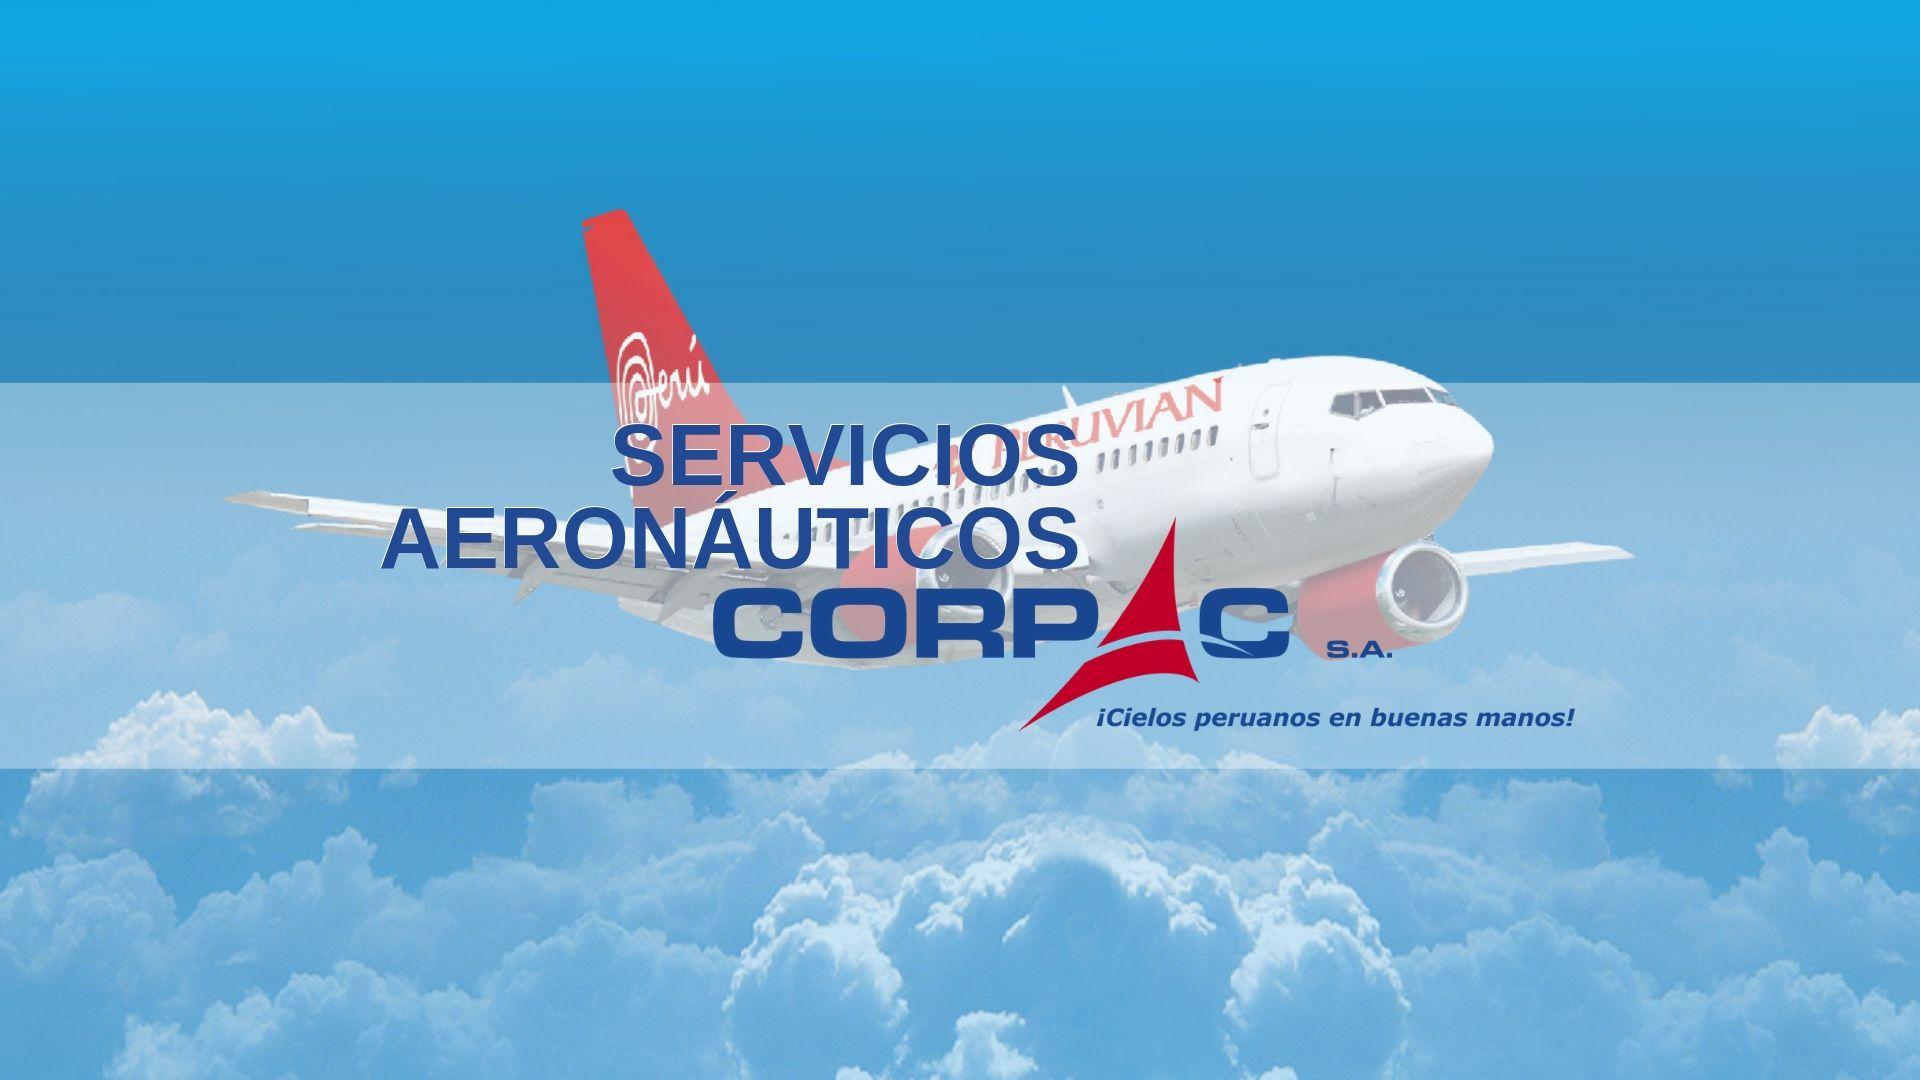 Servicios aeronáuticos CORPAC Perú